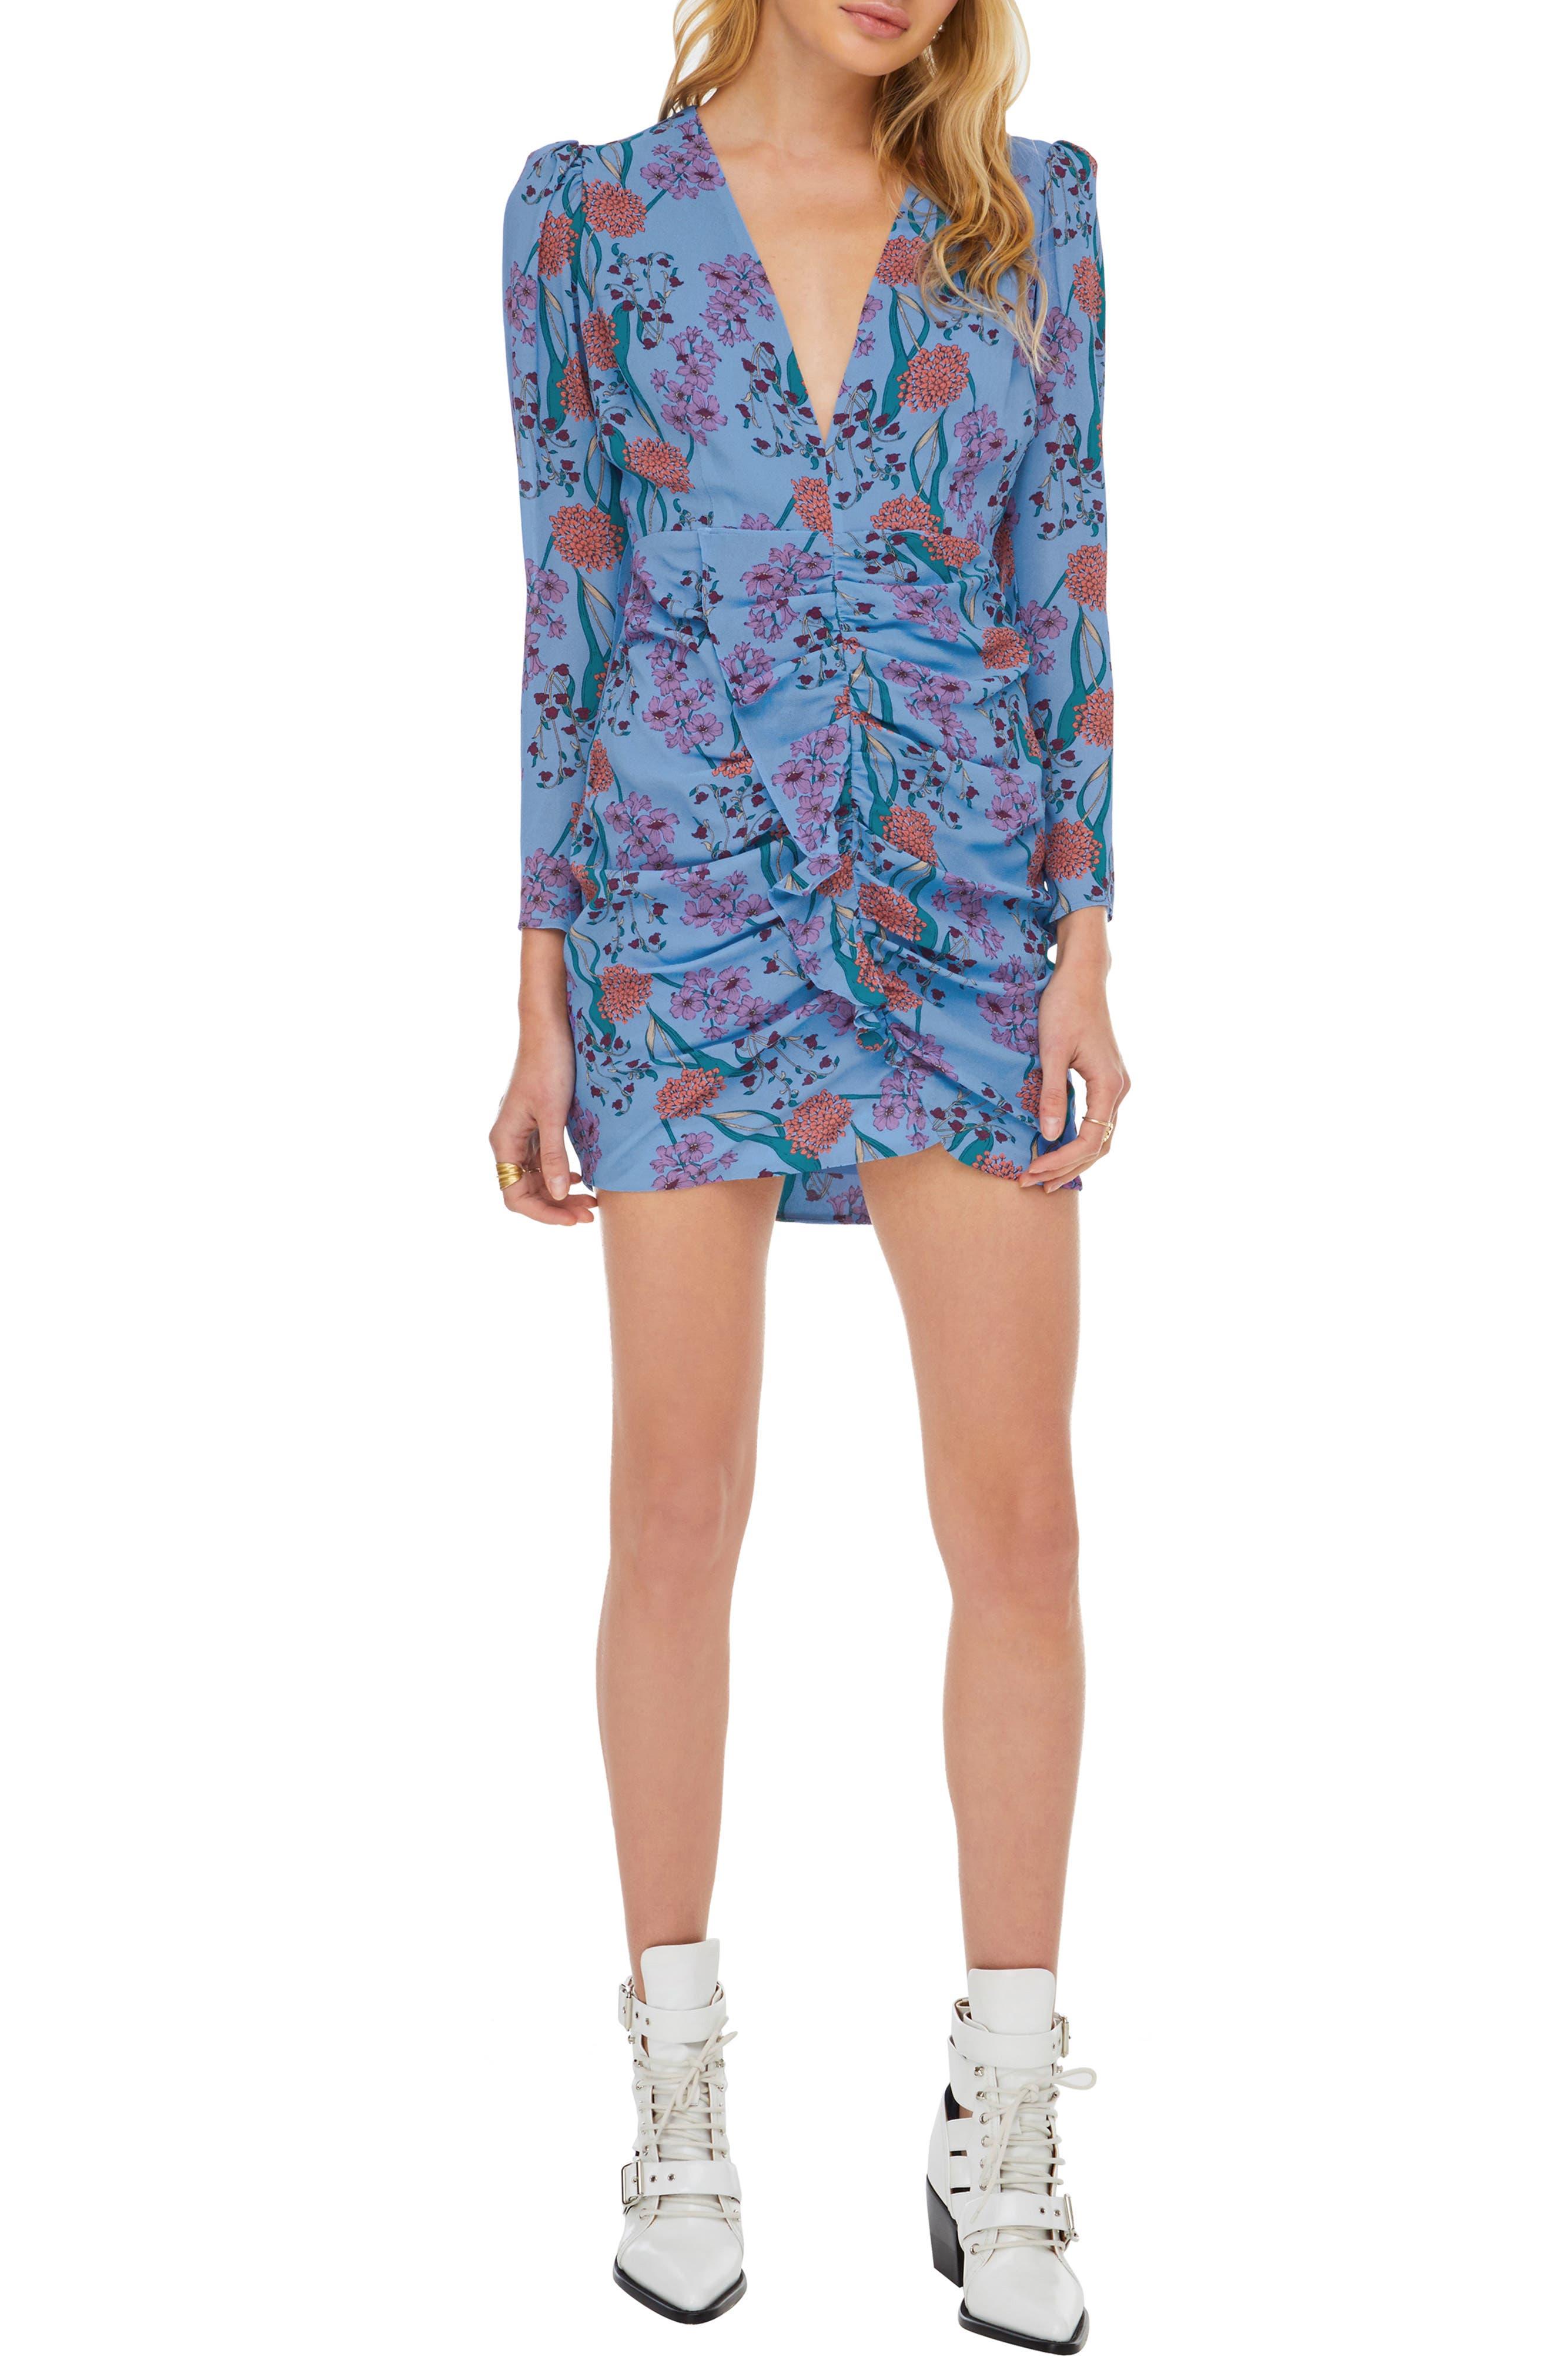 ASTR THE LABEL Vignette Floral Print Dress, Main, color, BLUEBELL FLORAL